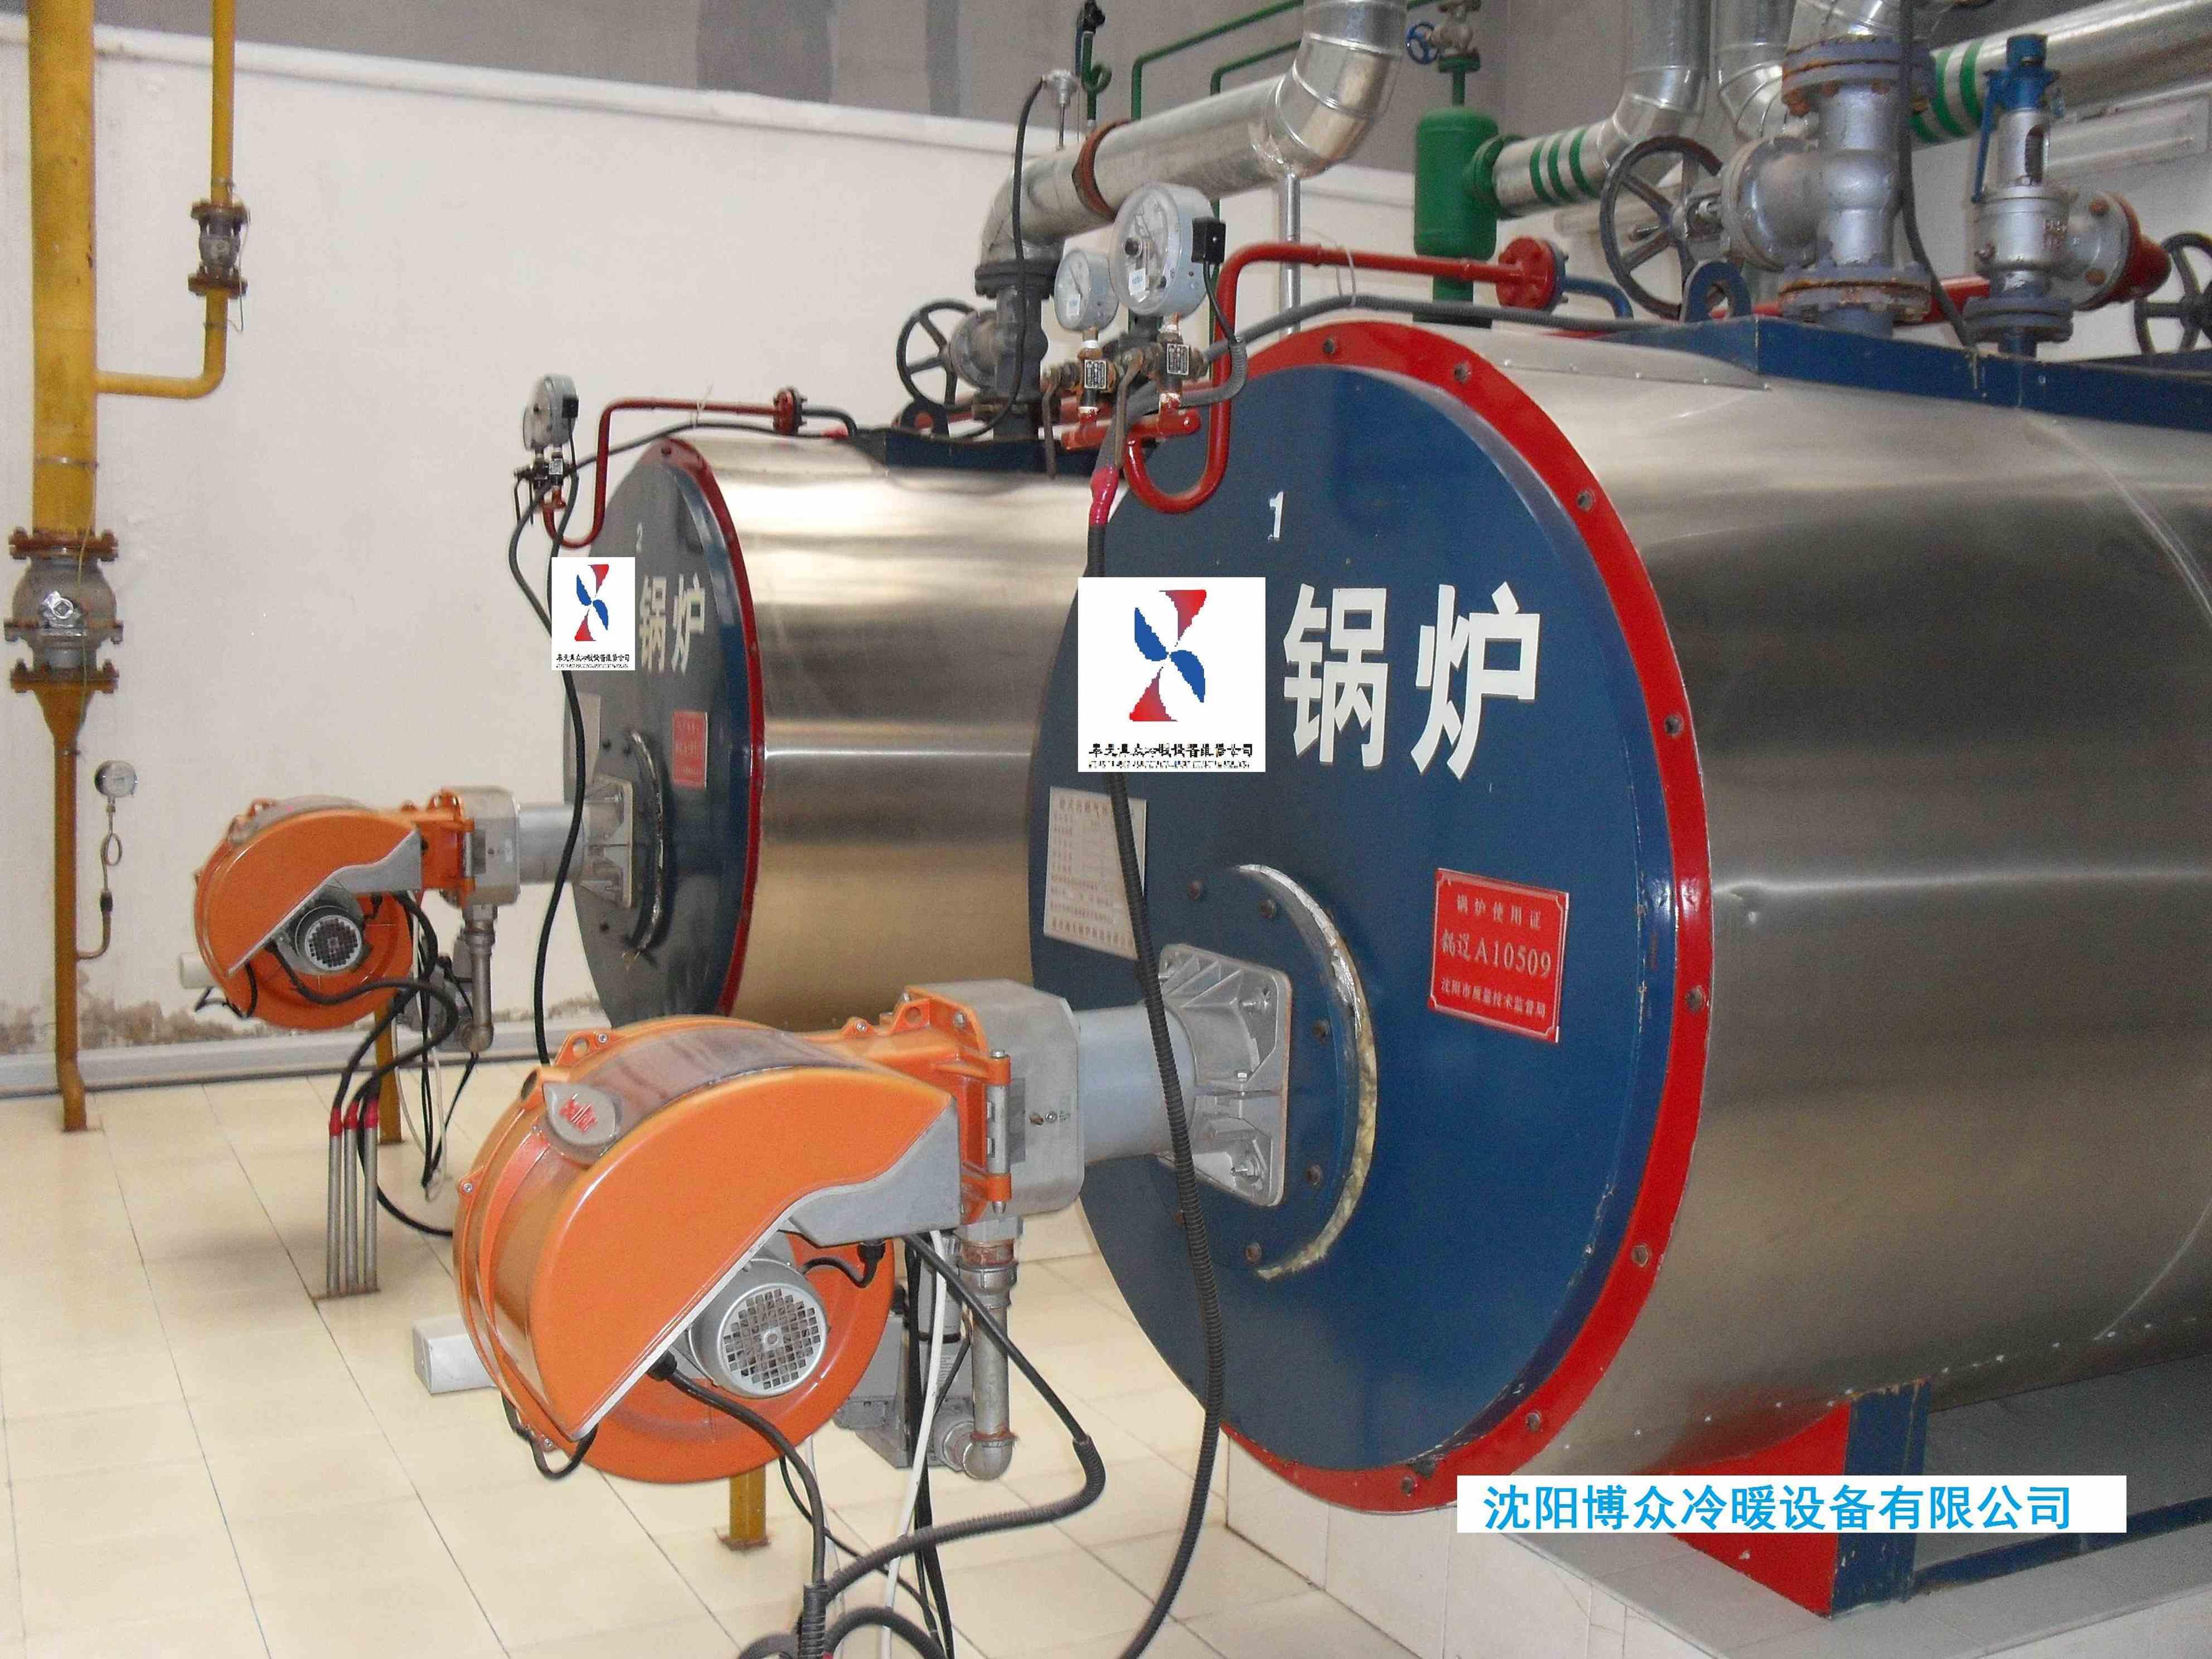 如何保养燃气锅炉燃烧器?